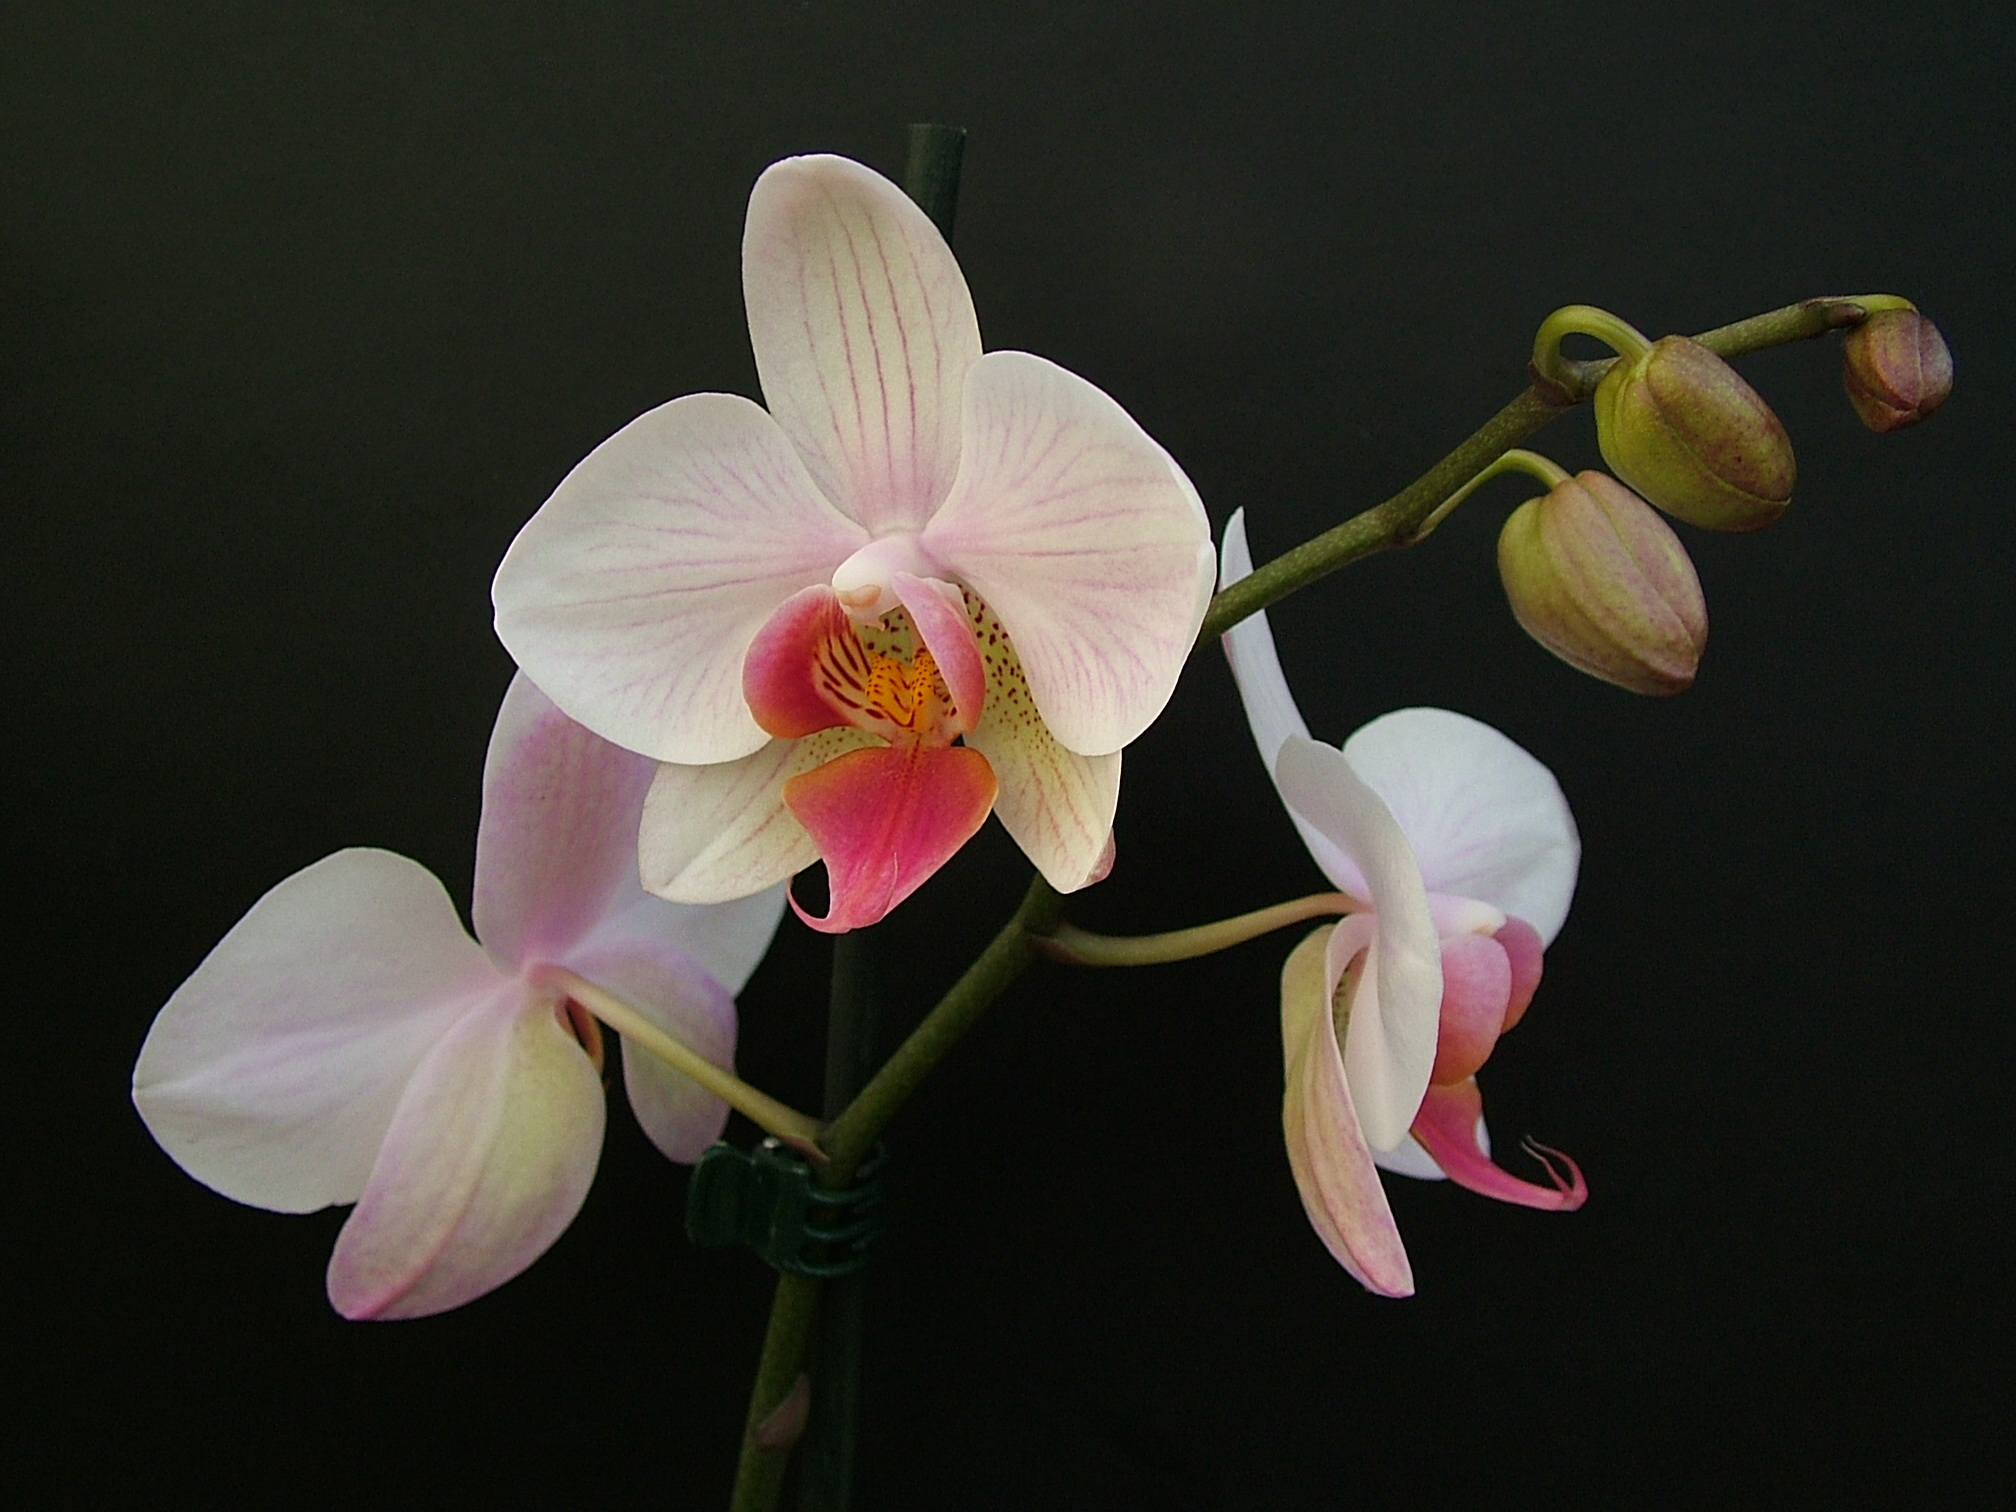 Можно ли держать дома орхидею — приметы и суеверия, где расположить фаленопсис в квартире по фен шую и можно ли выращивать